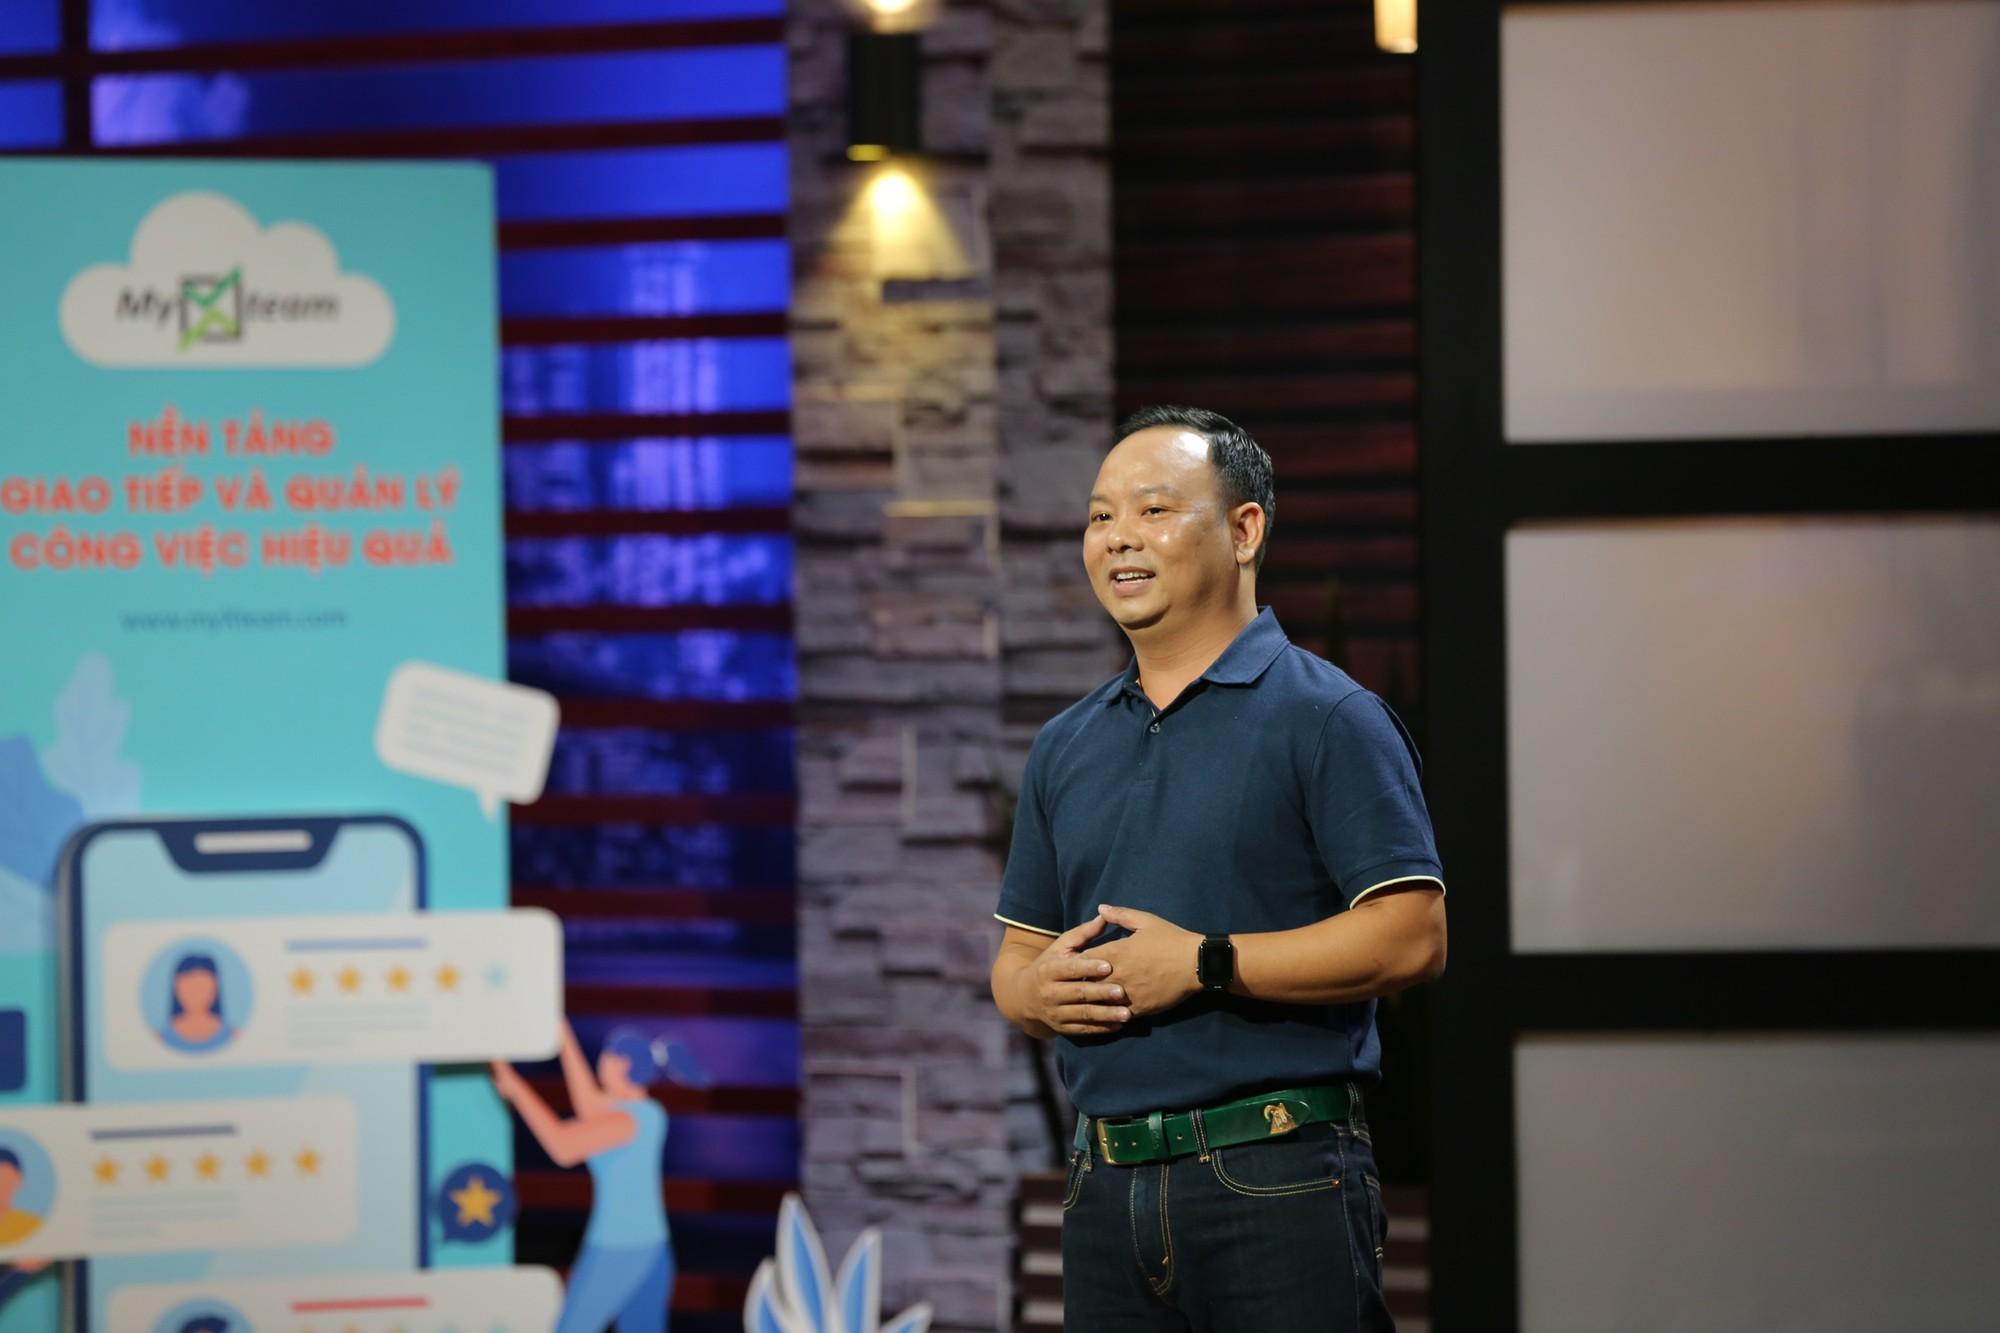 Định rót 100.000 USD cho startup nhưng cuối cùng lại thôi, Shark Bình nhấn mạnh: Thái độ quan trọng hơn trình độ! - ảnh 1